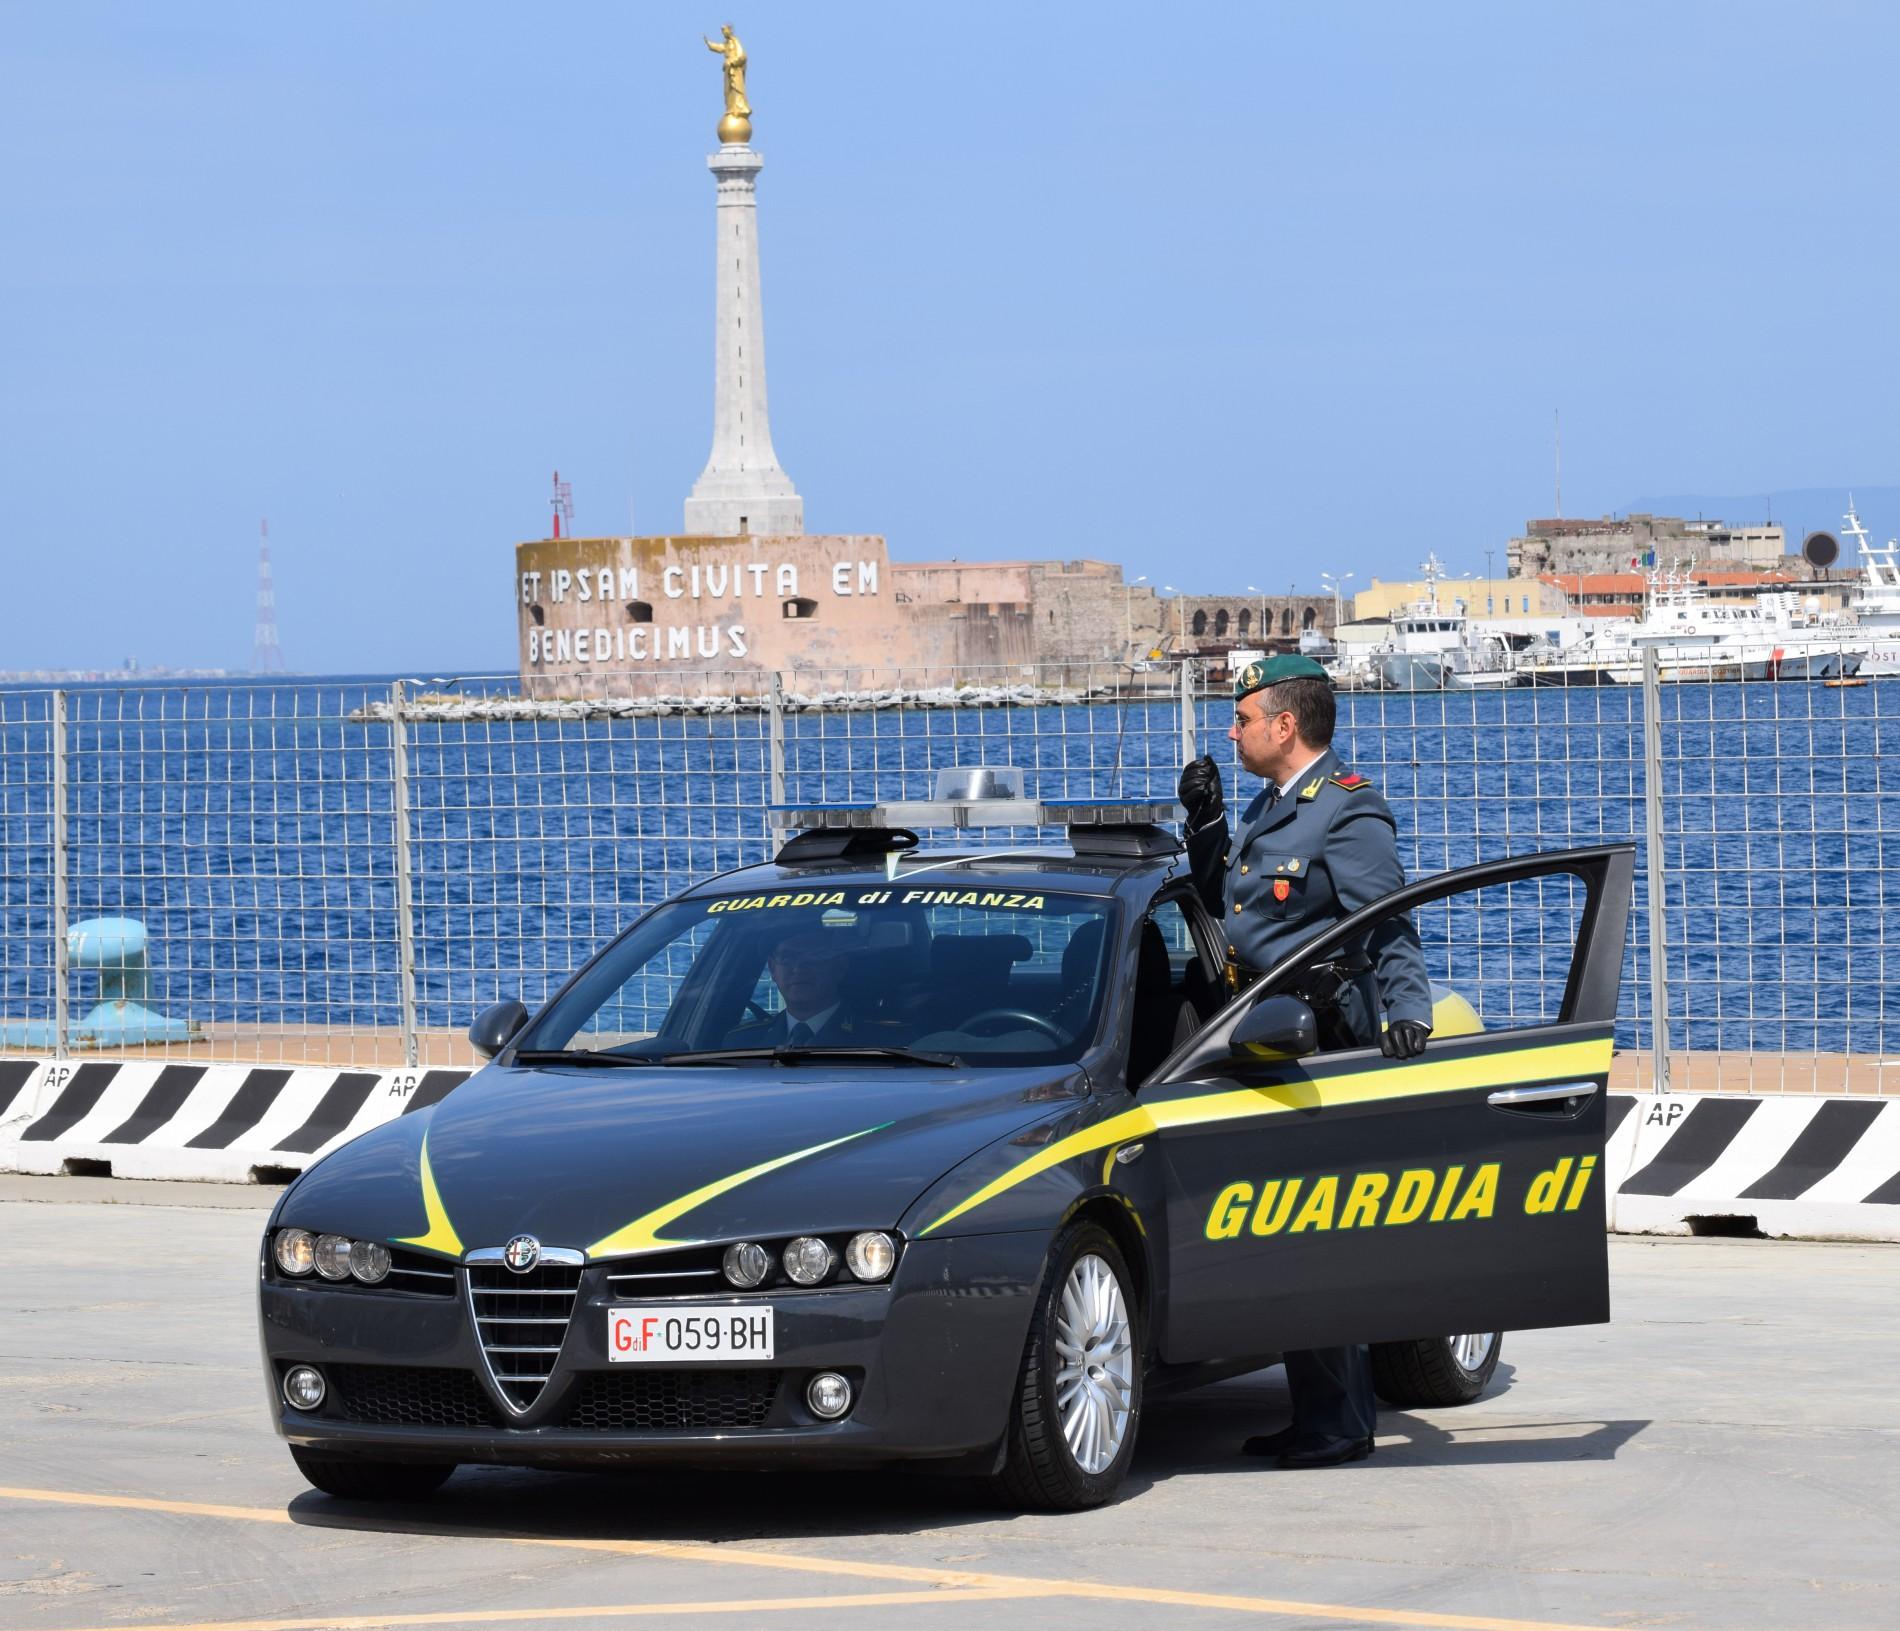 Foto di un'auto della guardia di finanza di messina al porto